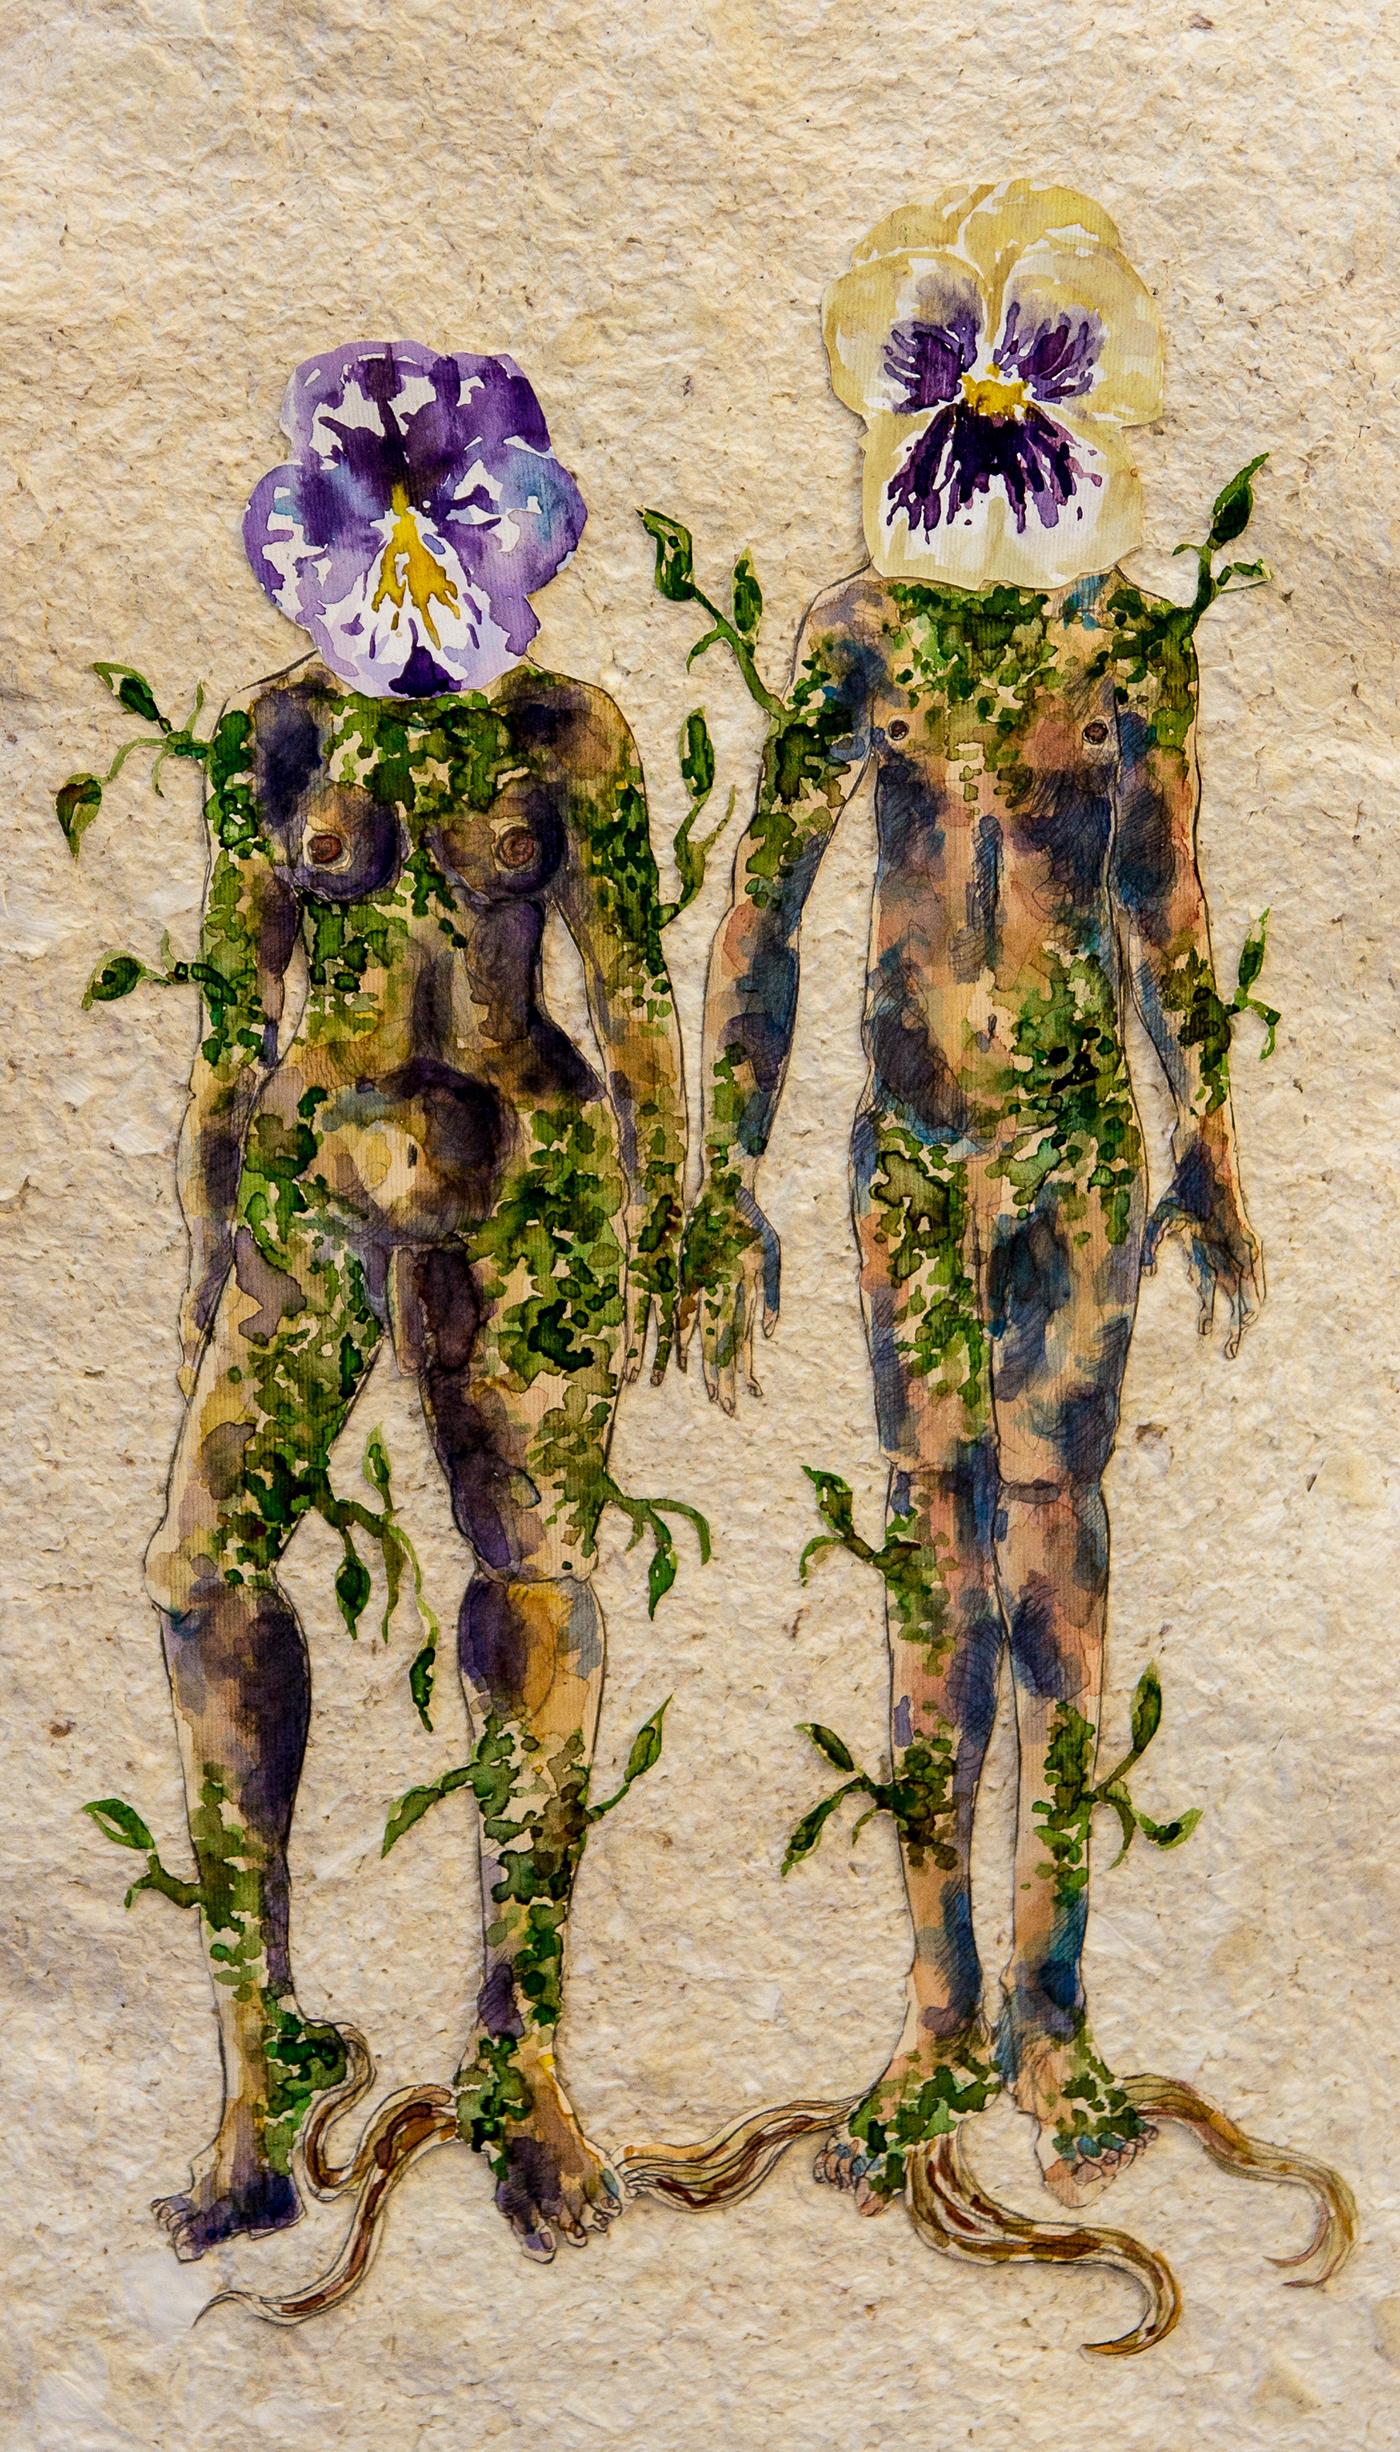 viola tricolor Viola Flower Illustration post human